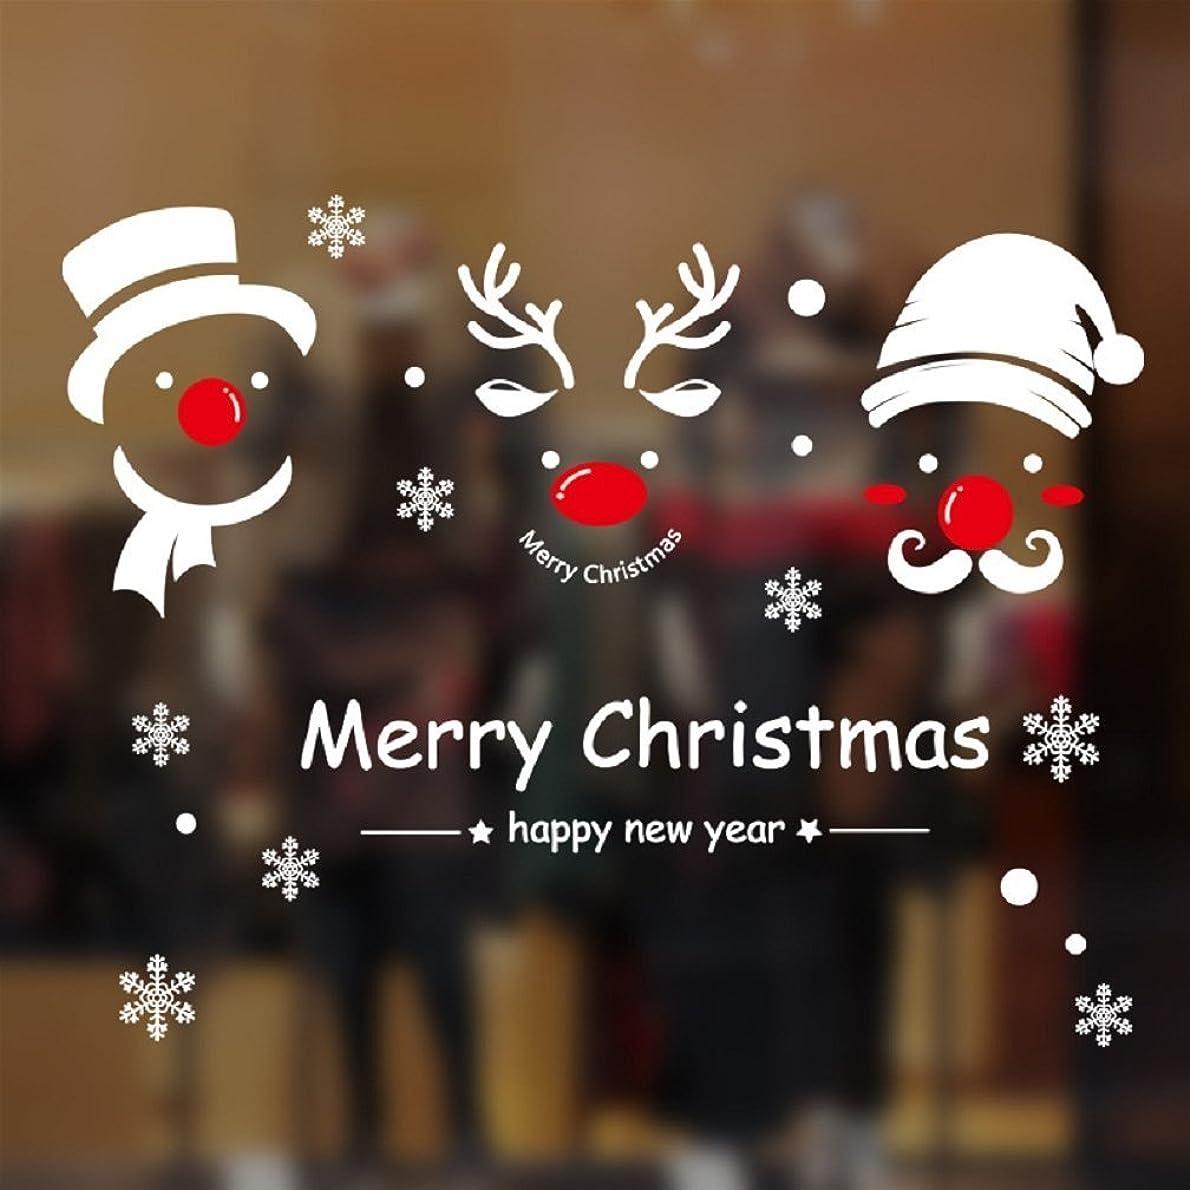 ビリーヤギ頬骨ファンネルウェブスパイダーノーブランド  ウォールステッカー クリスマス 飾り シール 壁紙 サンタ クロース ショーウインドー デパート 店舗 子供 部屋 雪の結晶 装飾